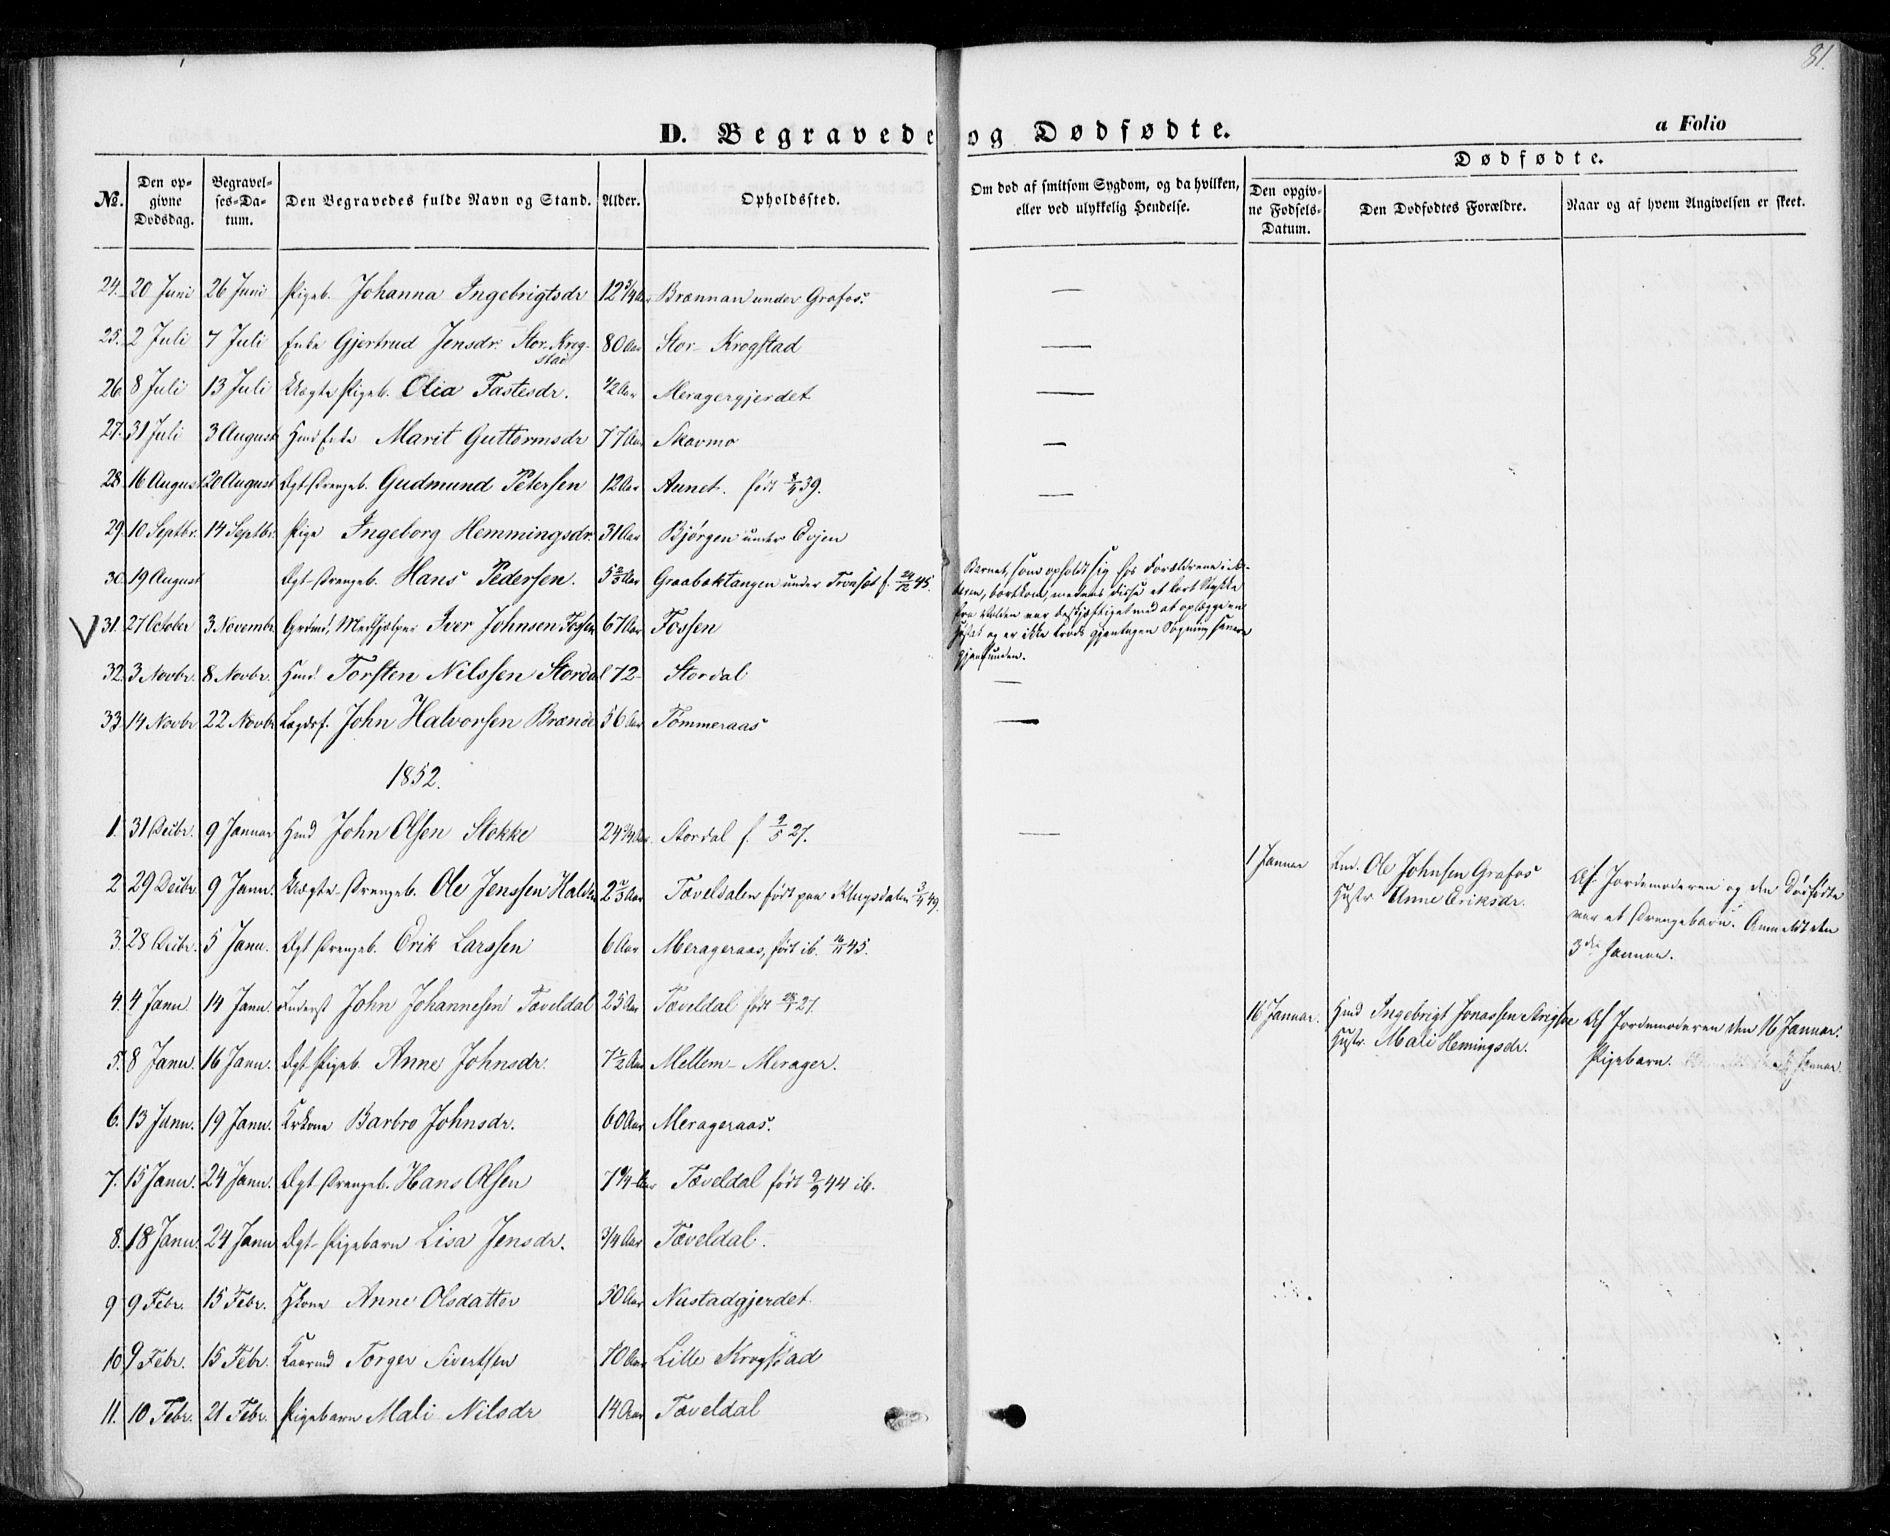 SAT, Ministerialprotokoller, klokkerbøker og fødselsregistre - Nord-Trøndelag, 706/L0040: Parish register (official) no. 706A01, 1850-1861, p. 81